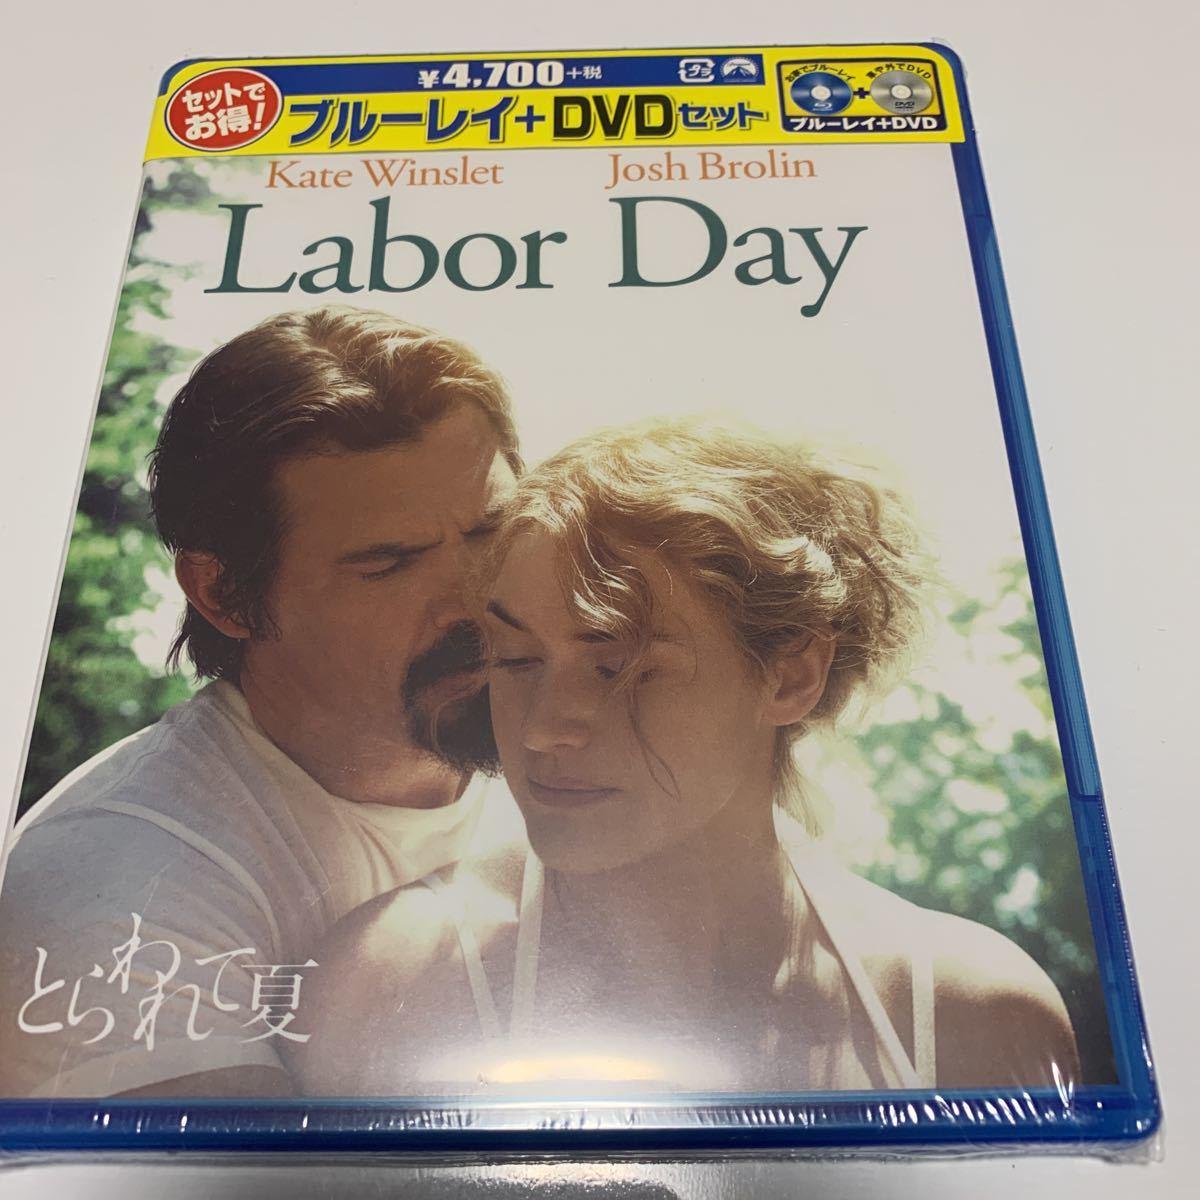 新品未開封 とらわれて夏 ブルーレイ+DVDセット(2枚組) Blu-ray日本語字幕 ケイトウィンスレット ガトリングリフィス トビーマグワイア_画像1